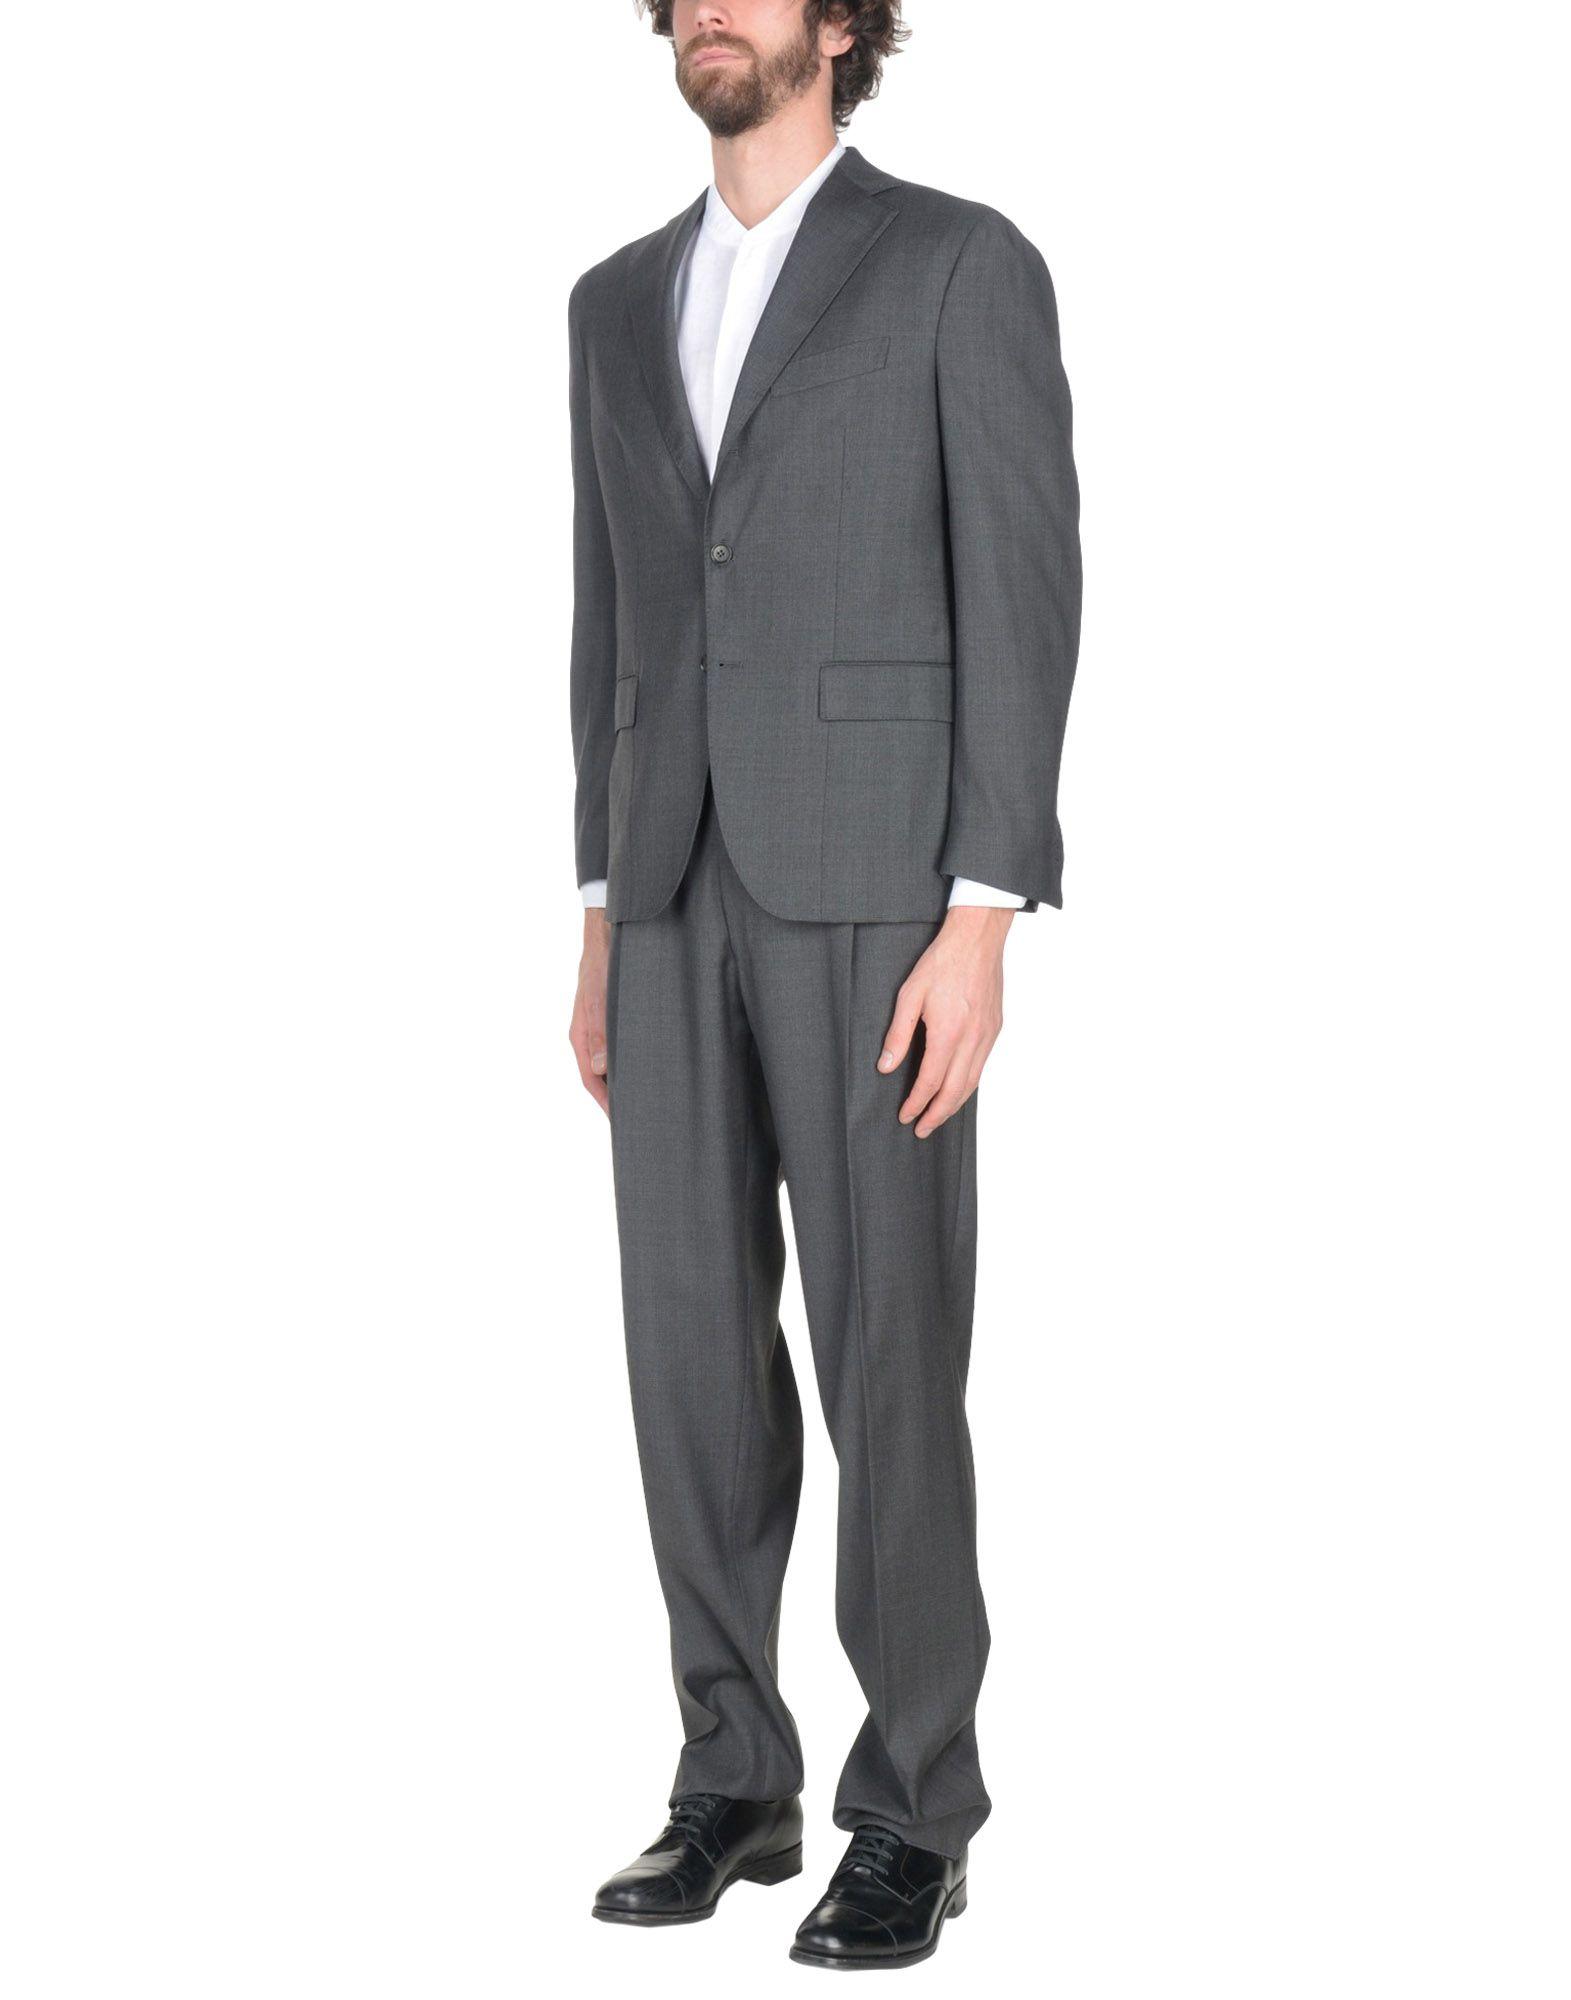 《送料無料》RIVIERA Milano メンズ スーツ グレー 52 スーパー150 ウール 100%